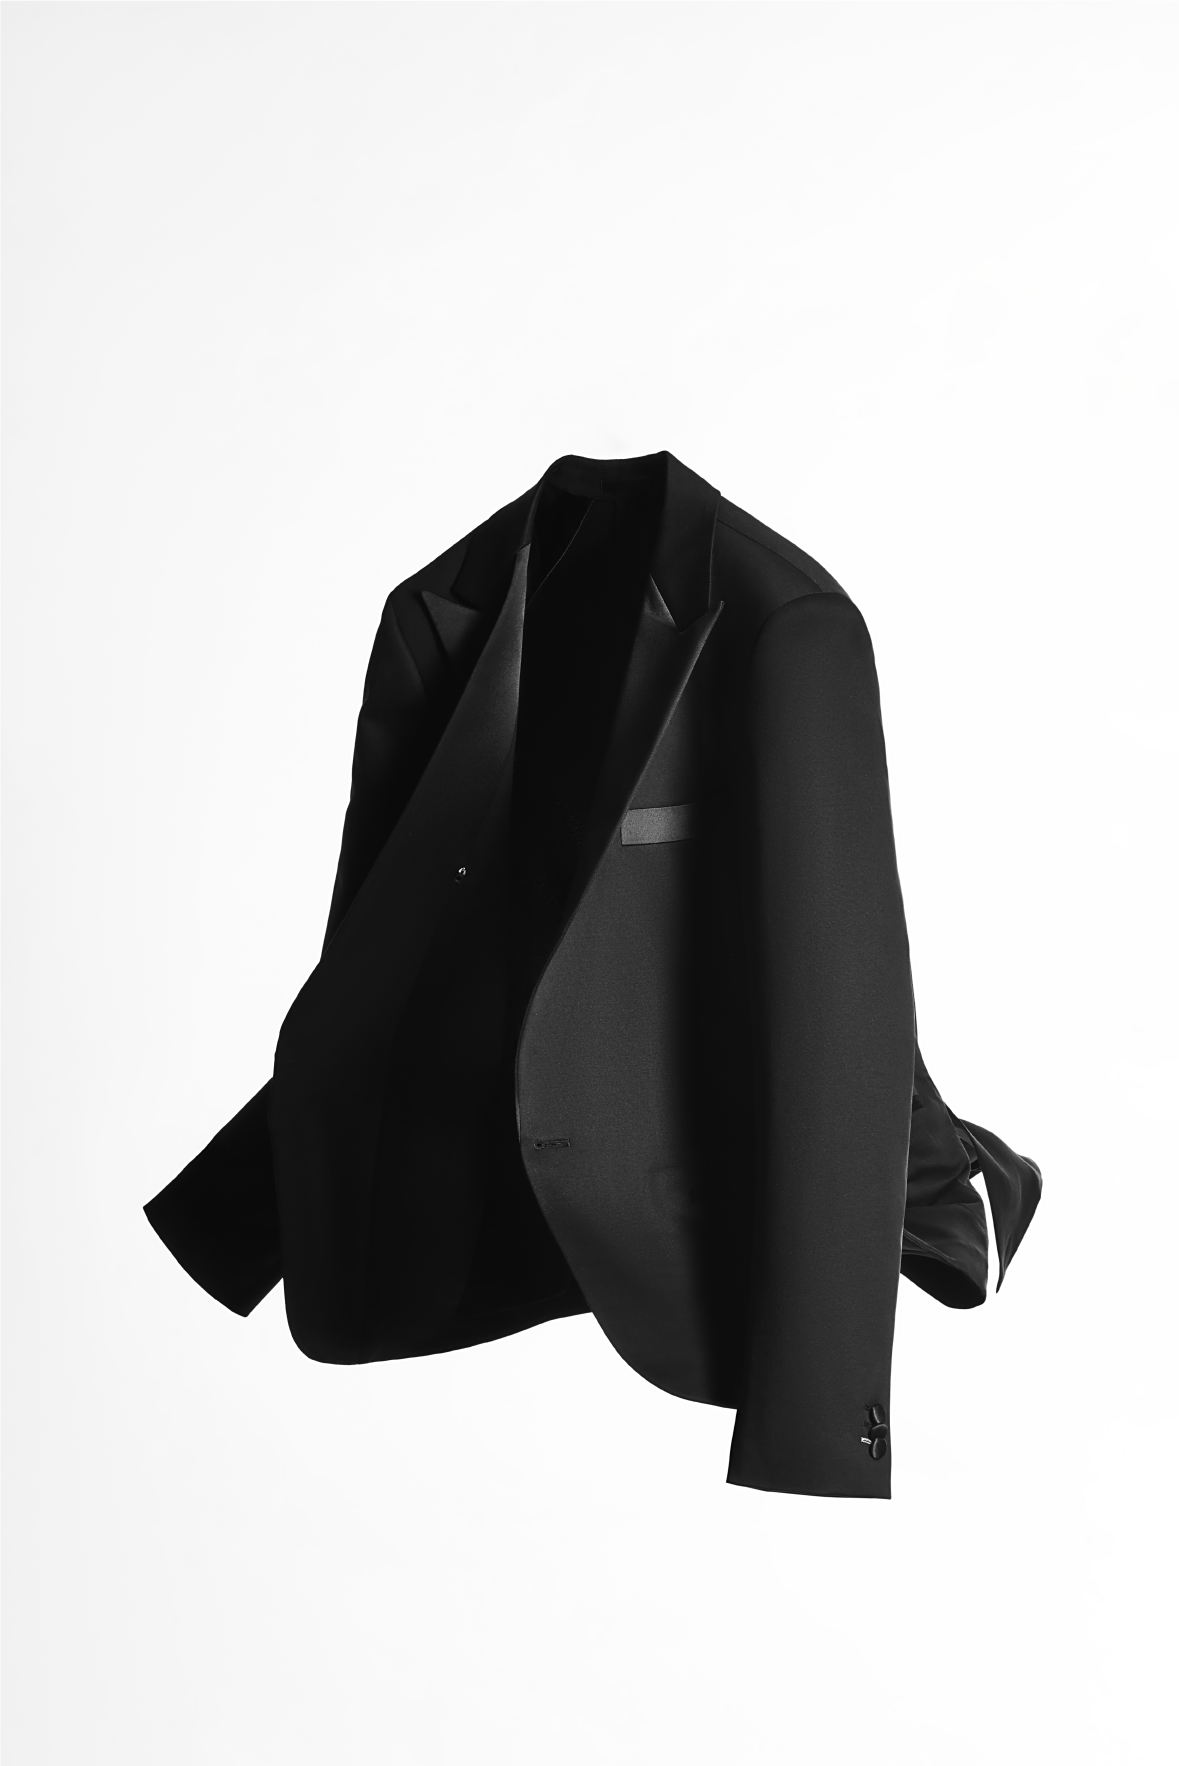 YOYUU Marine Drive 360禮服款西裝,約11,500元。圖/Y...